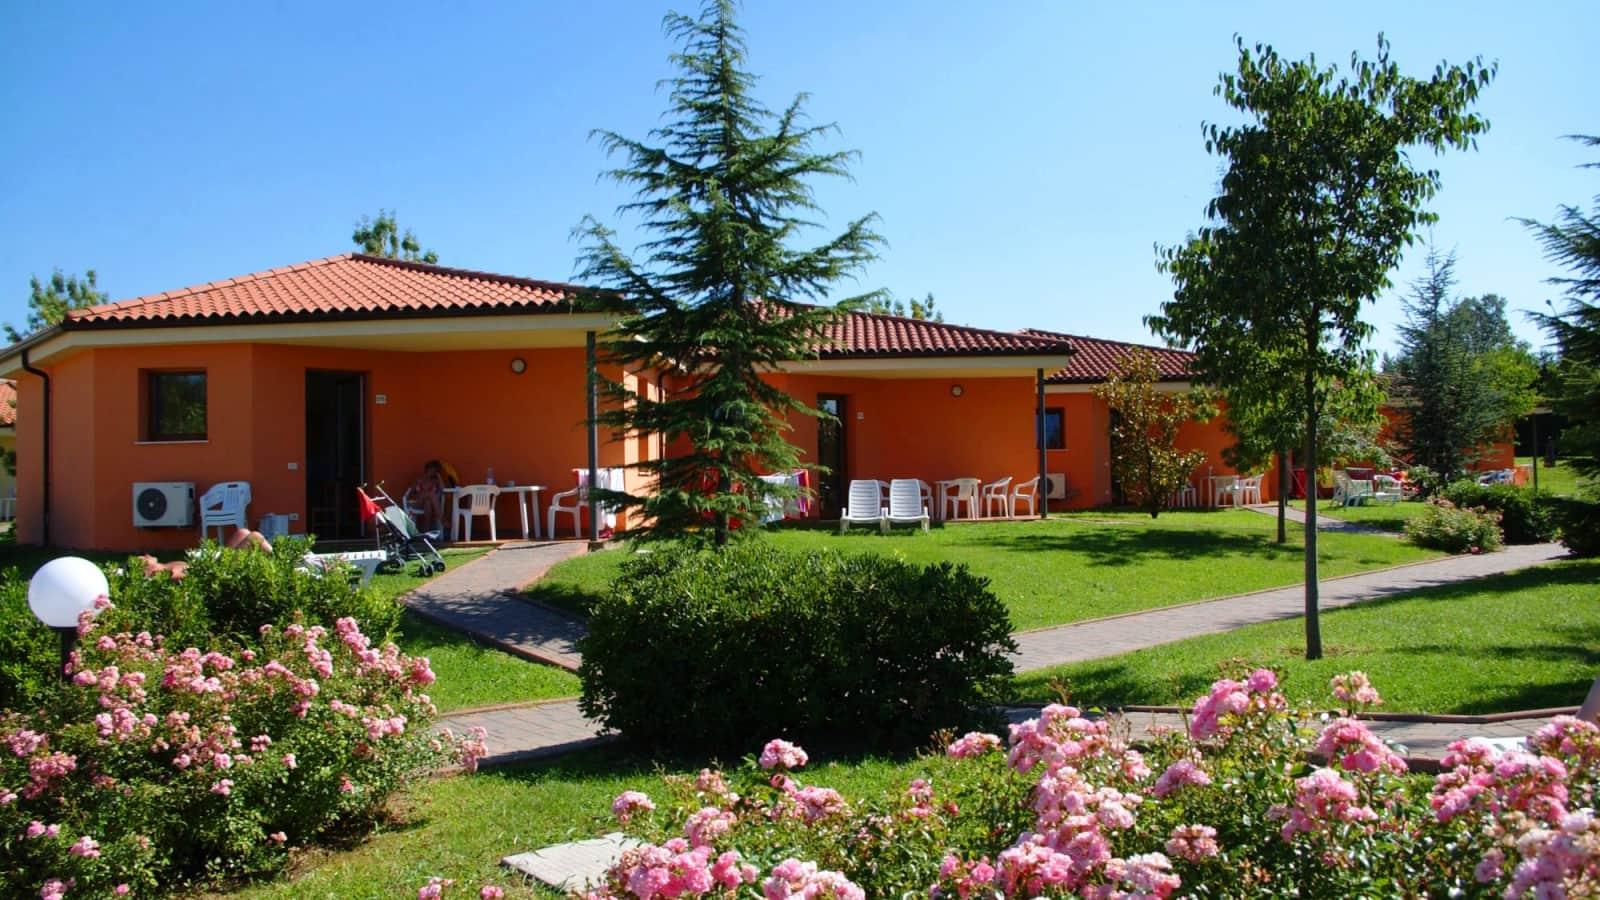 Casa Bella Apartments Reviews